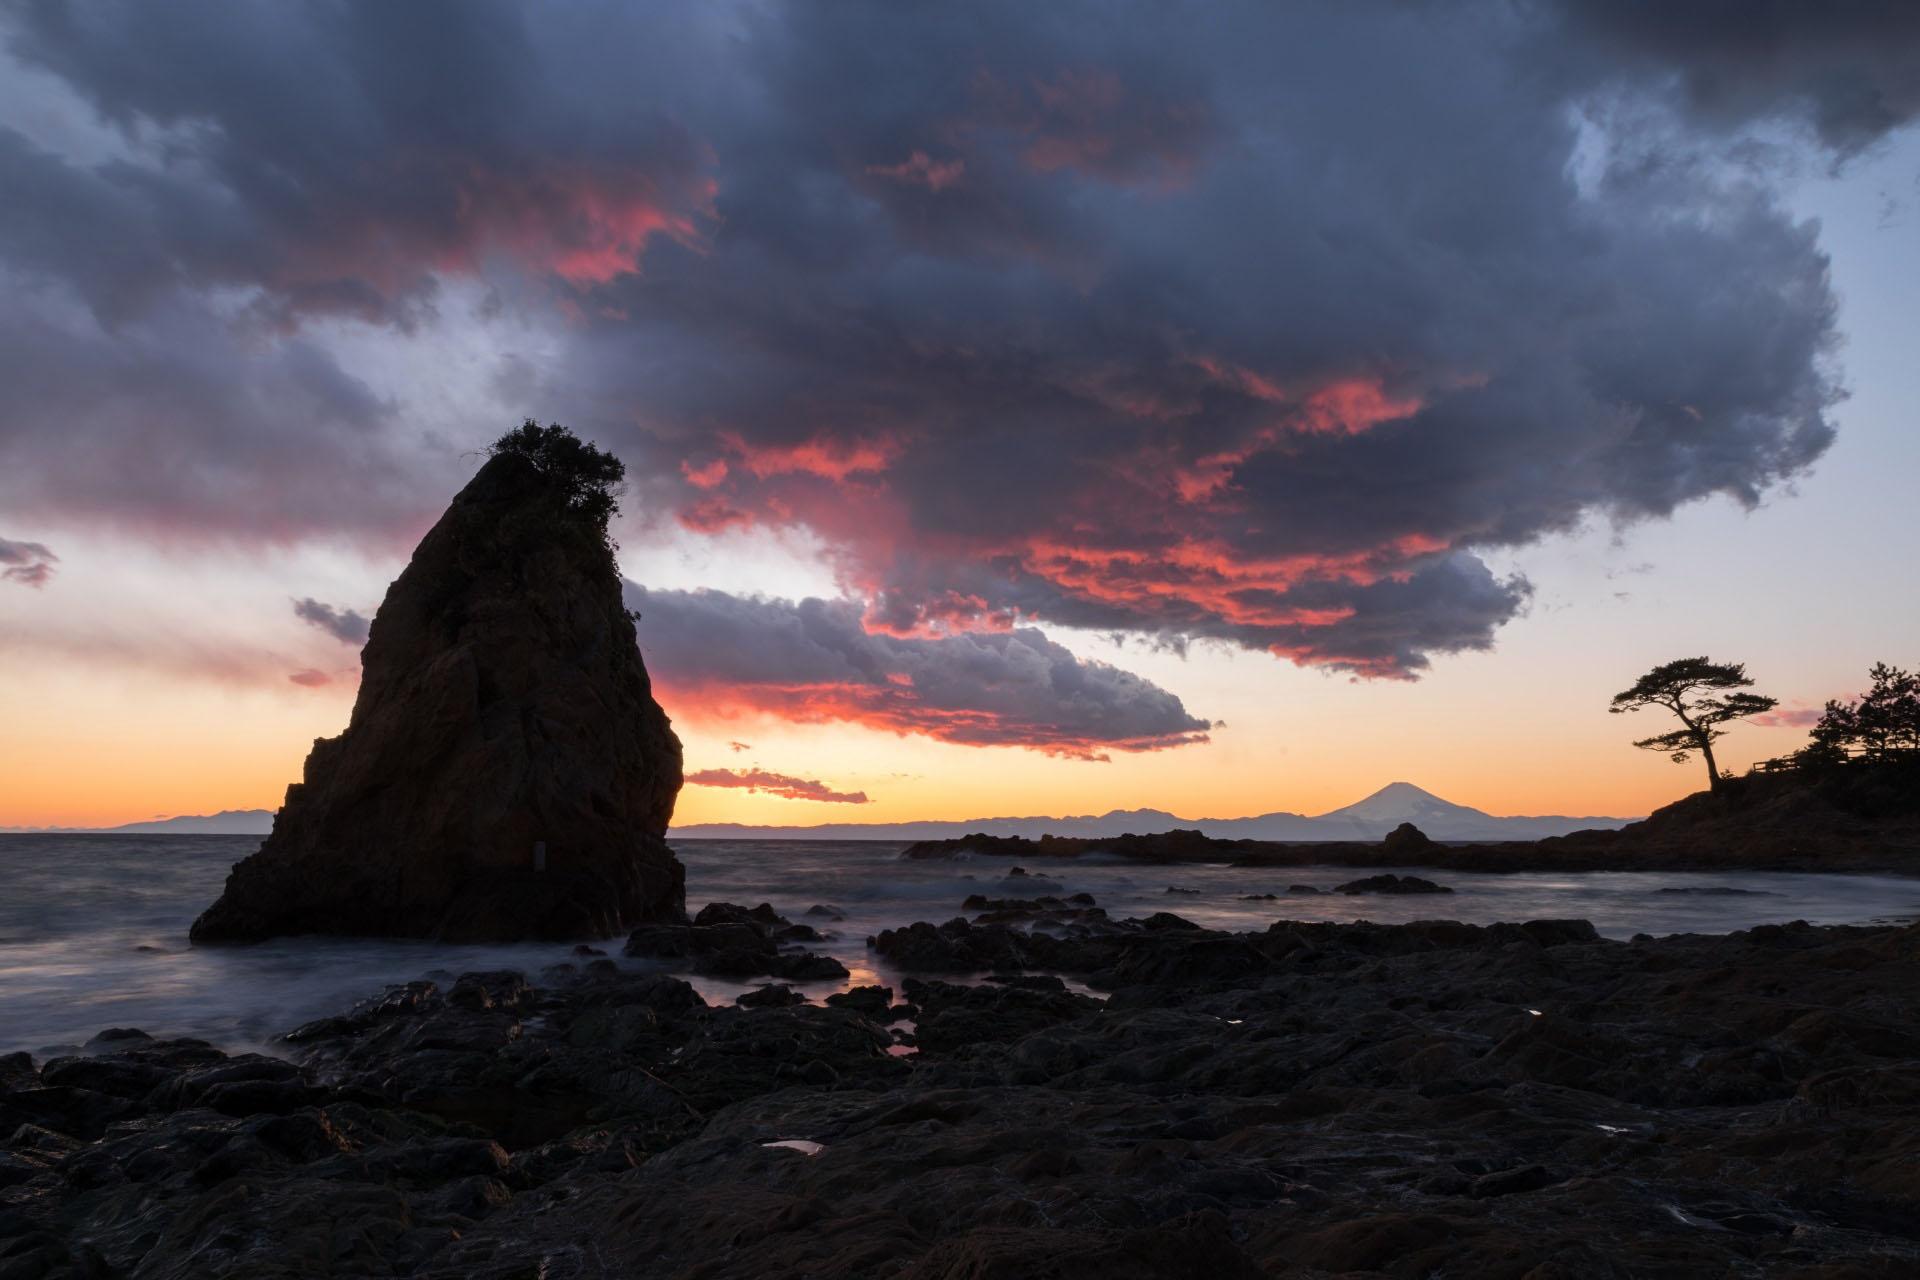 夕暮れの富士山と立石 神奈川の風景